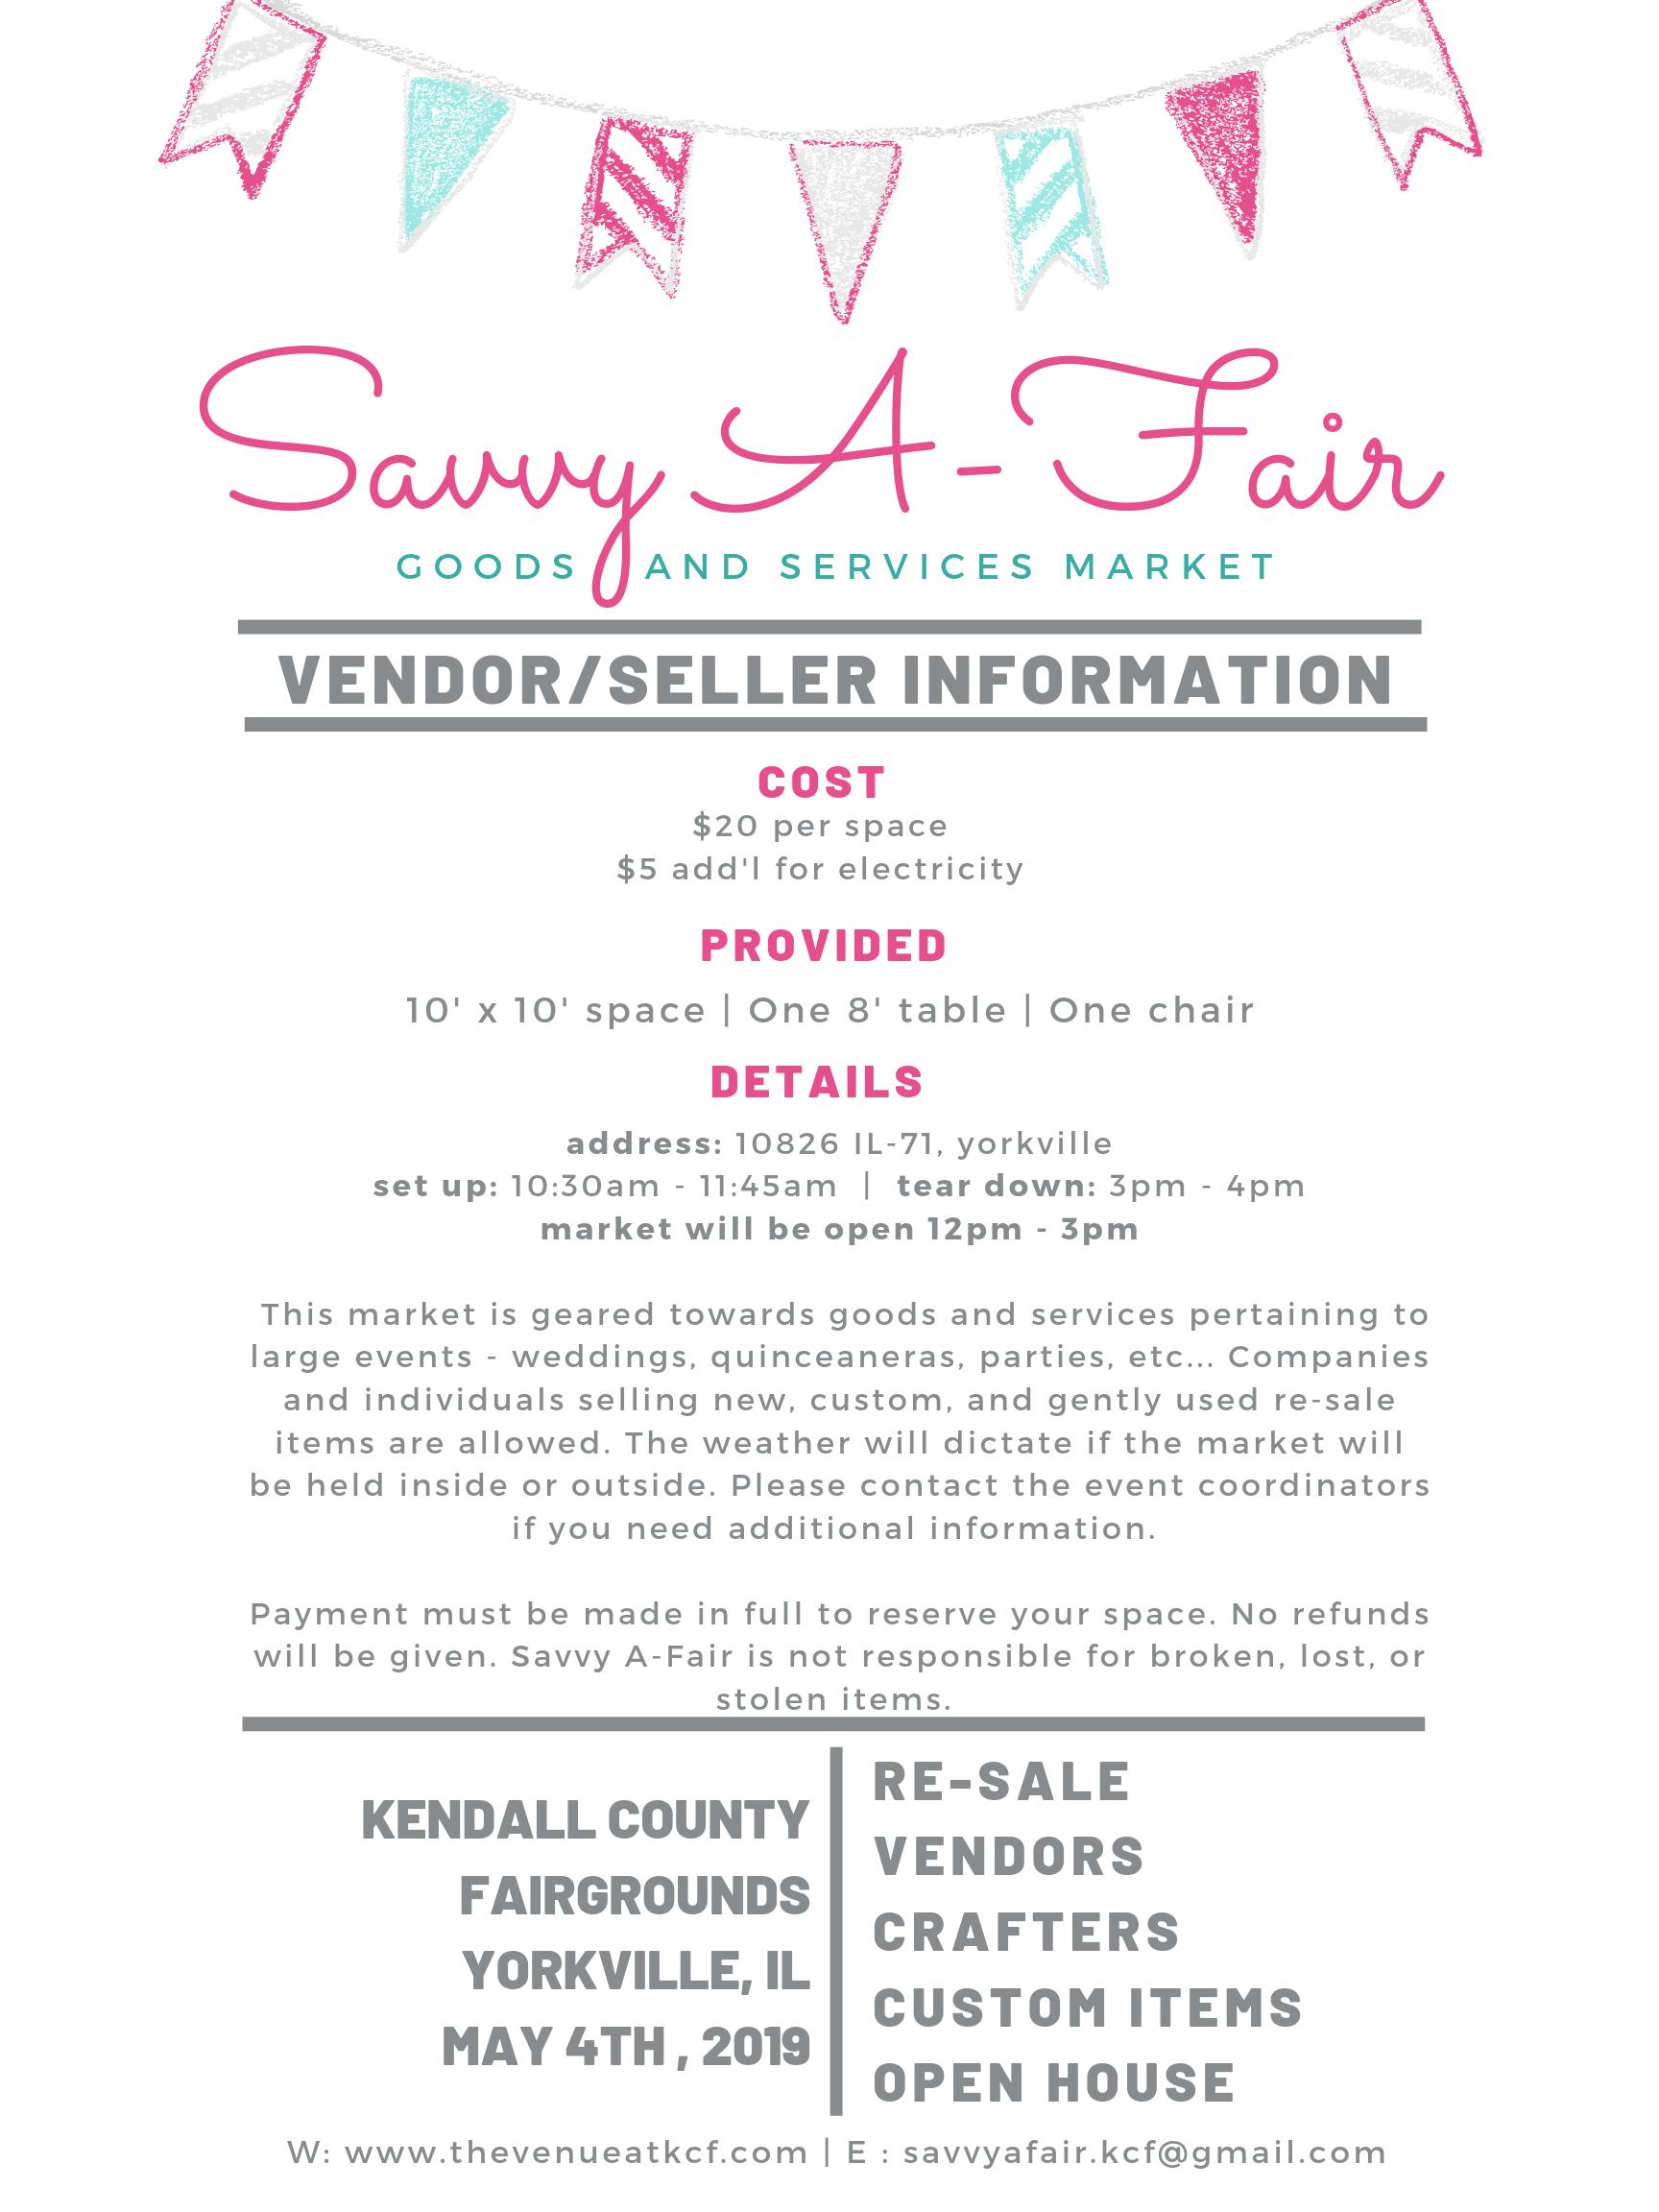 Savvy A-Fair_Flyer_Vendor_Seller Info (2).png